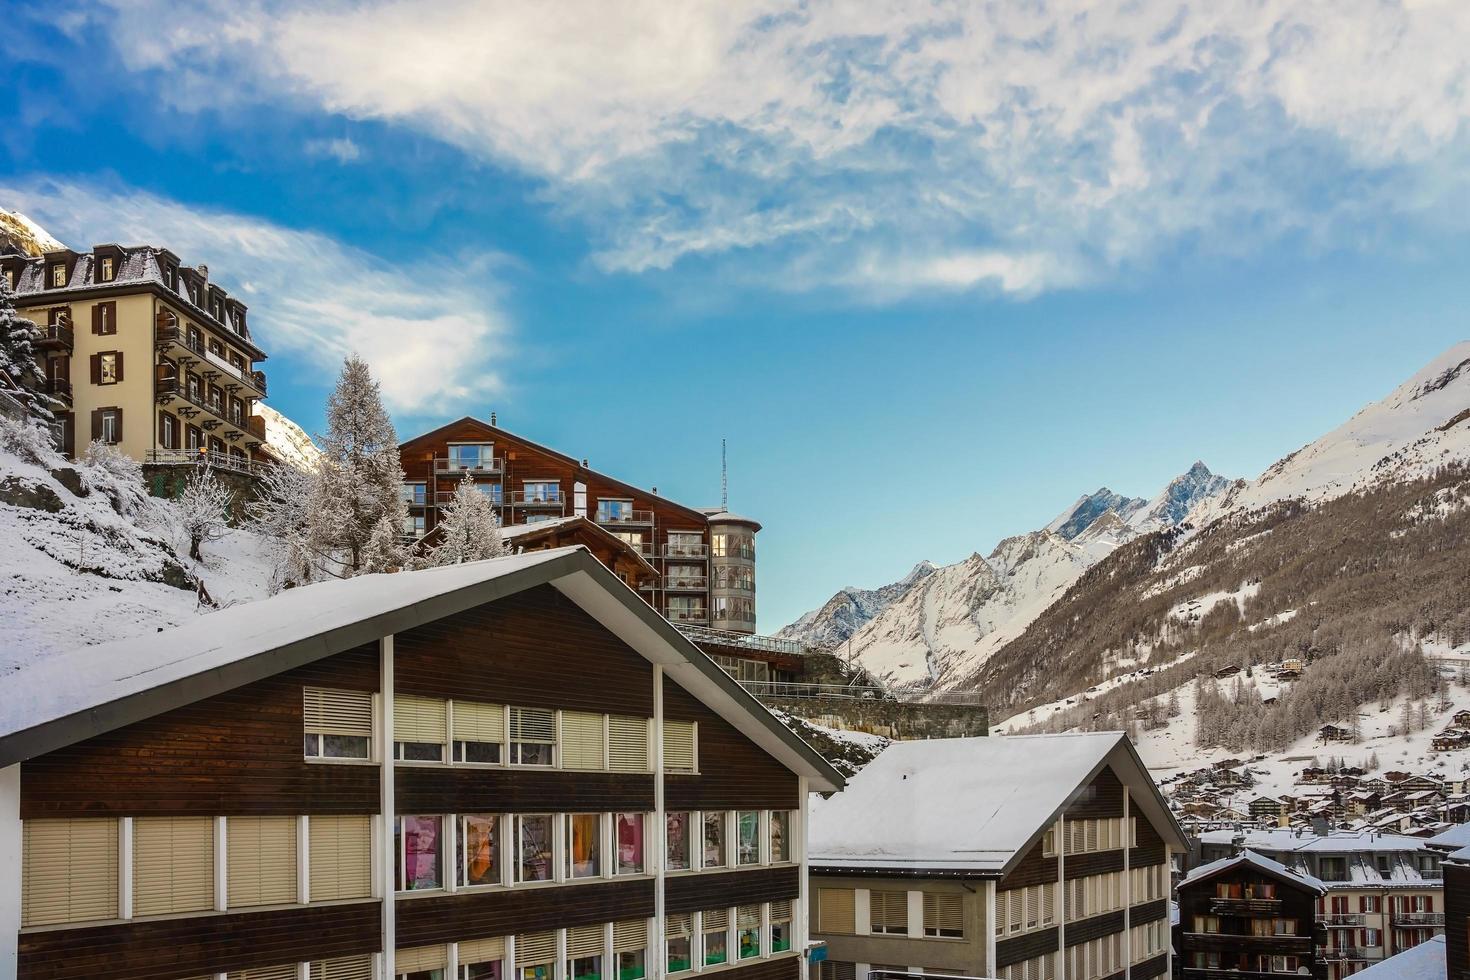 Maisons de Zermatt couvertes de neige en Suisse photo